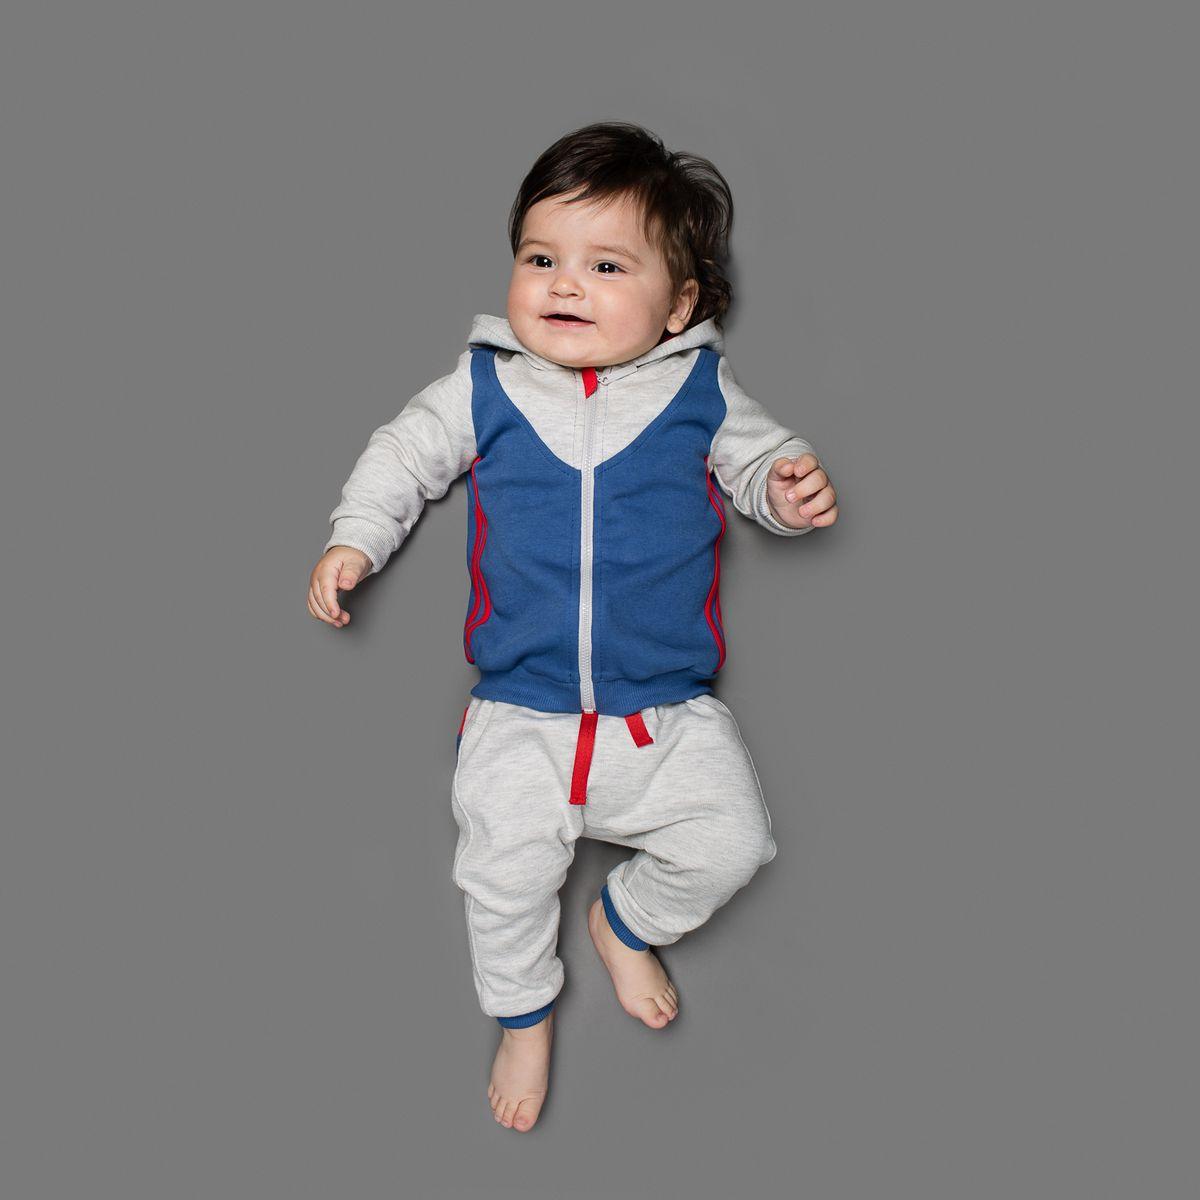 Толстовка для мальчика Ёмаё, цвет: серый меланж, синий. 25-220. Размер 6225-220Толстовка Ёмаё, изготовленная из интерлока - очень удобный и практичный вид одежды для малышей.Толстовка с капюшоном и длинными рукавами застегивается спереди на пластиковую застежку-молнию, что помогает с легкостью переодеть ребенка. Рукава дополнены широкими трикотажными манжетами, не пережимающими запястья ребенка. Понизу проходит широкая трикотажная резинка. По спинке изделие оформлено крупным логотипом бренда. В такой толстовке вашему крохе будет комфортно и он всегда будет в центре внимания.